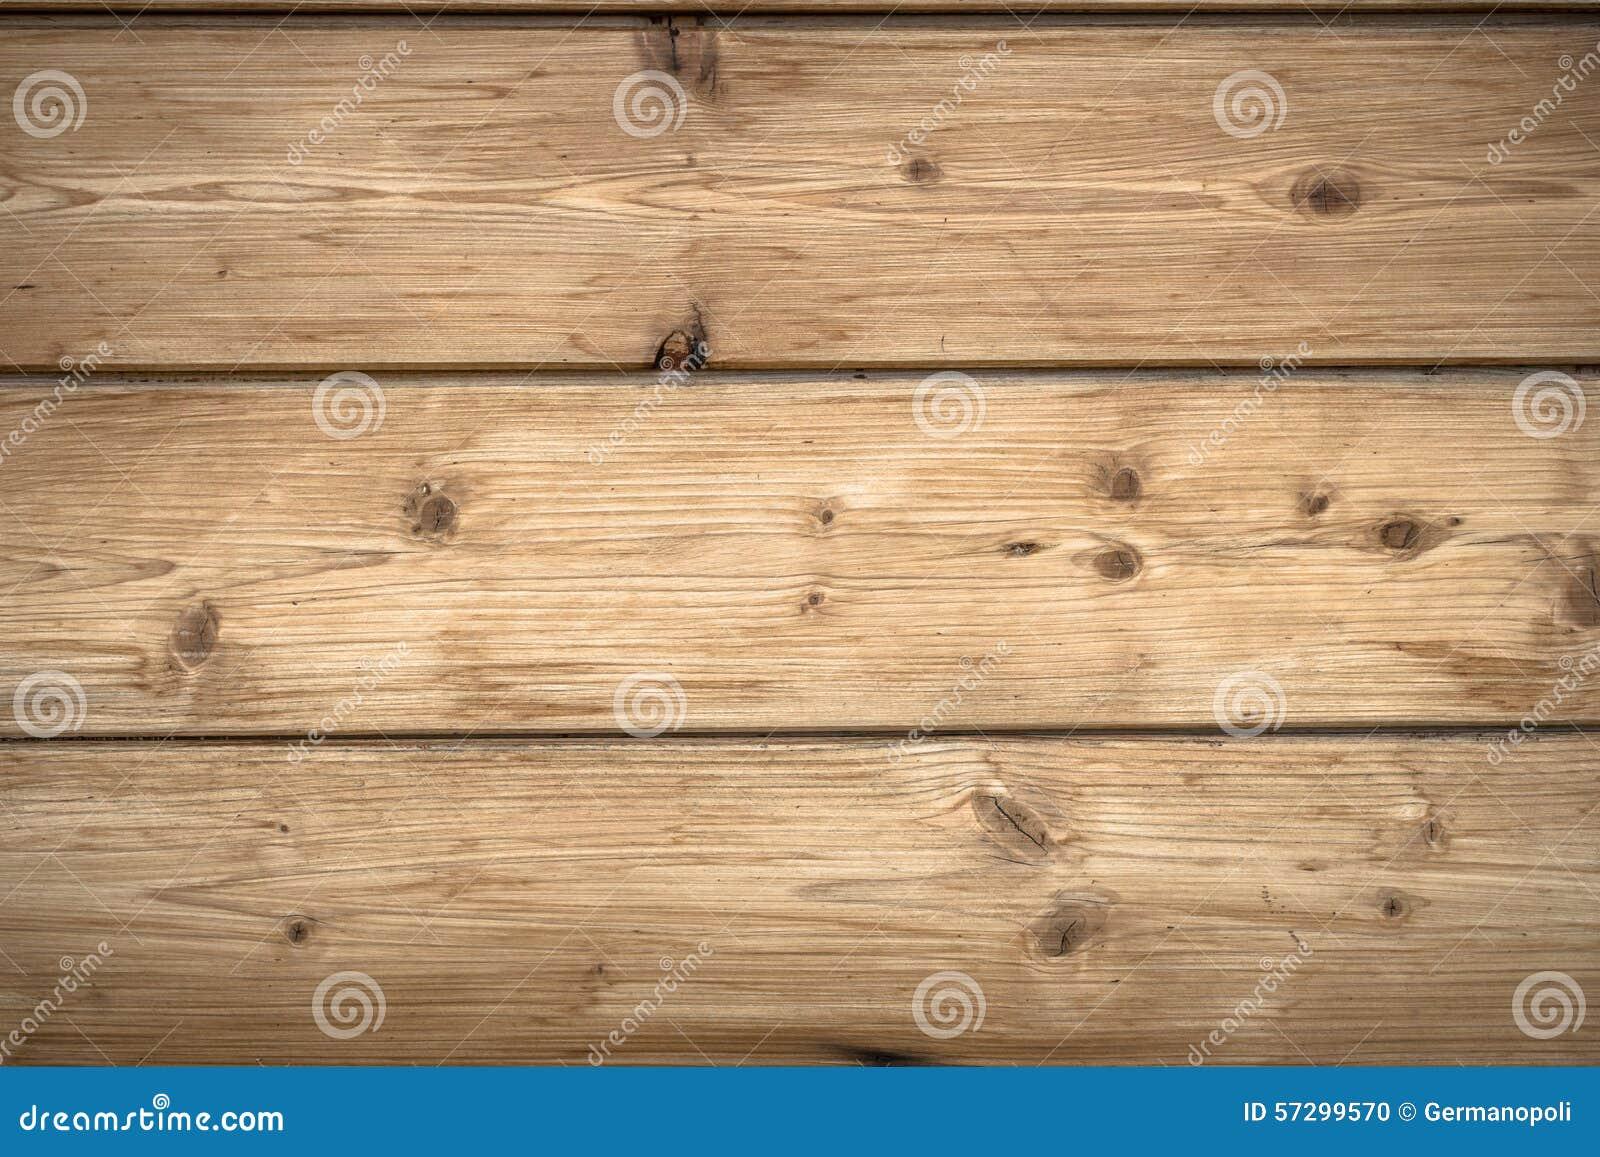 nice papier peint sur bois 9 papier peint bois vinyle sur intiss imitation bois vieilli. Black Bedroom Furniture Sets. Home Design Ideas